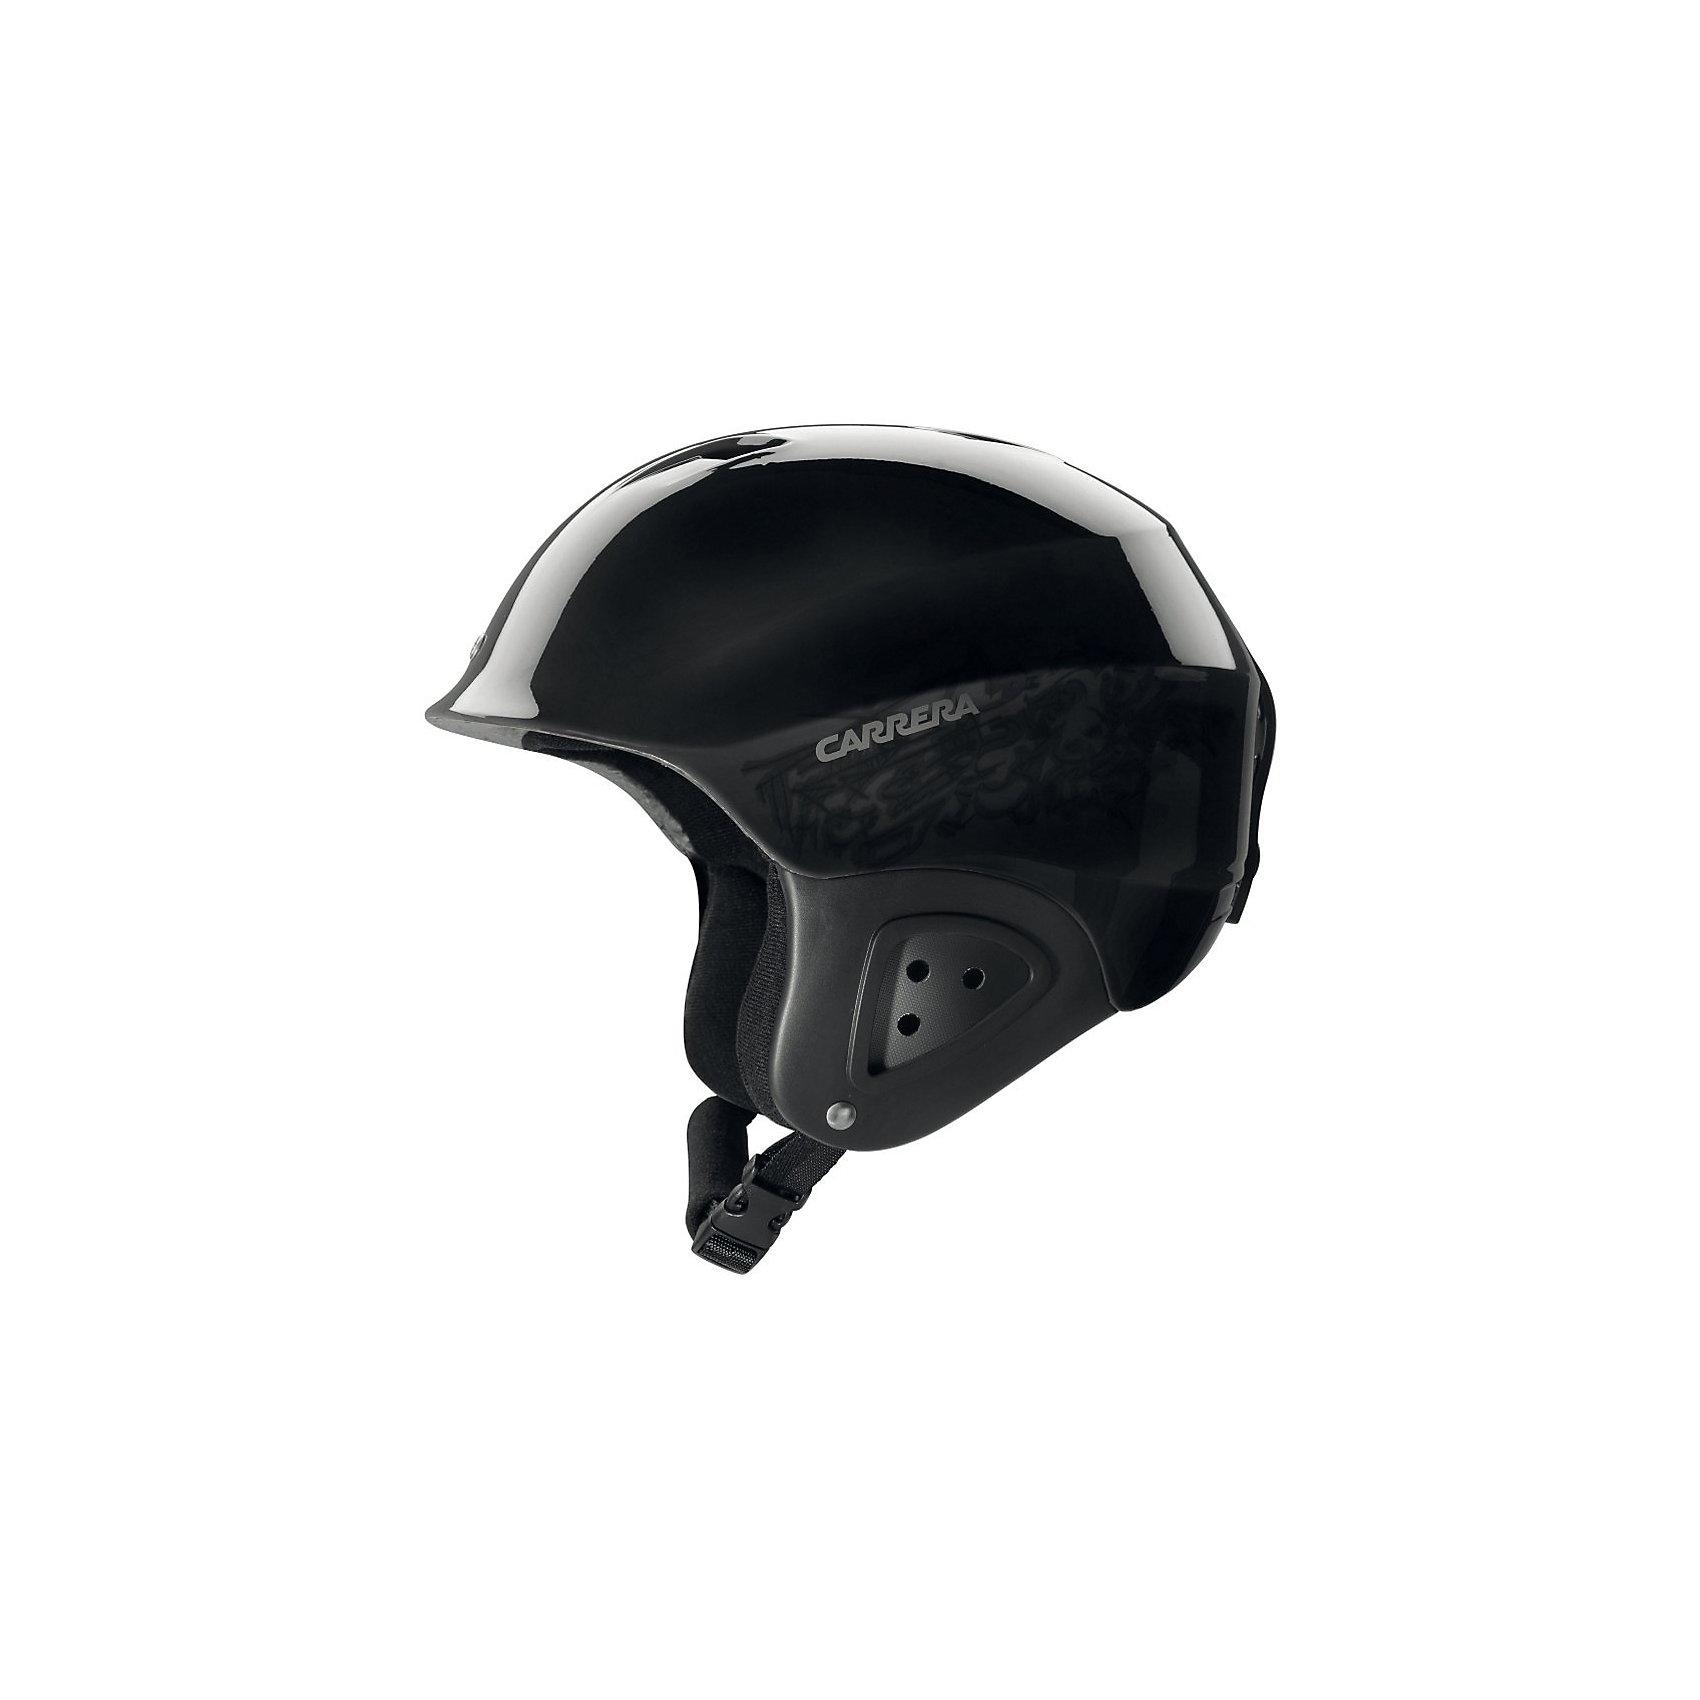 CARRERA Детский лыжный шлемИдеальная защита для маленьких любителей зимних видов спортаю Очень легкий детский шлем, изготовленный по новейшим технологиям, оптимально защищает детей.<br><br>Детали:<br><br>- легкий шлем для детей и подростков<br>- отверстия для лучшей циркуляции воздуха<br>- технология In-Moulding<br>- держатель для лыжных очков<br>- подкладка Dry Wave<br>- с системой AFS<br><br>Система AFS:<br>благодаря специальной анатомической защитной системе, которая находится в задней части шлема, этот шлем можно регулировать по диаметру головы, чтобы добиться хорошей посадки и максимального комфорта. Эта система находится внутри для того, чтобы гарантировать максимальную безопасность, при этом не ограничивая движение шеи.<br><br>Ширина мм: 235<br>Глубина мм: 235<br>Высота мм: 240<br>Вес г: 350<br>Цвет: черный<br>Возраст от месяцев: 36<br>Возраст до месяцев: 1200<br>Пол: Унисекс<br>Возраст: Детский<br>Размер: 49-52<br>SKU: 2269583